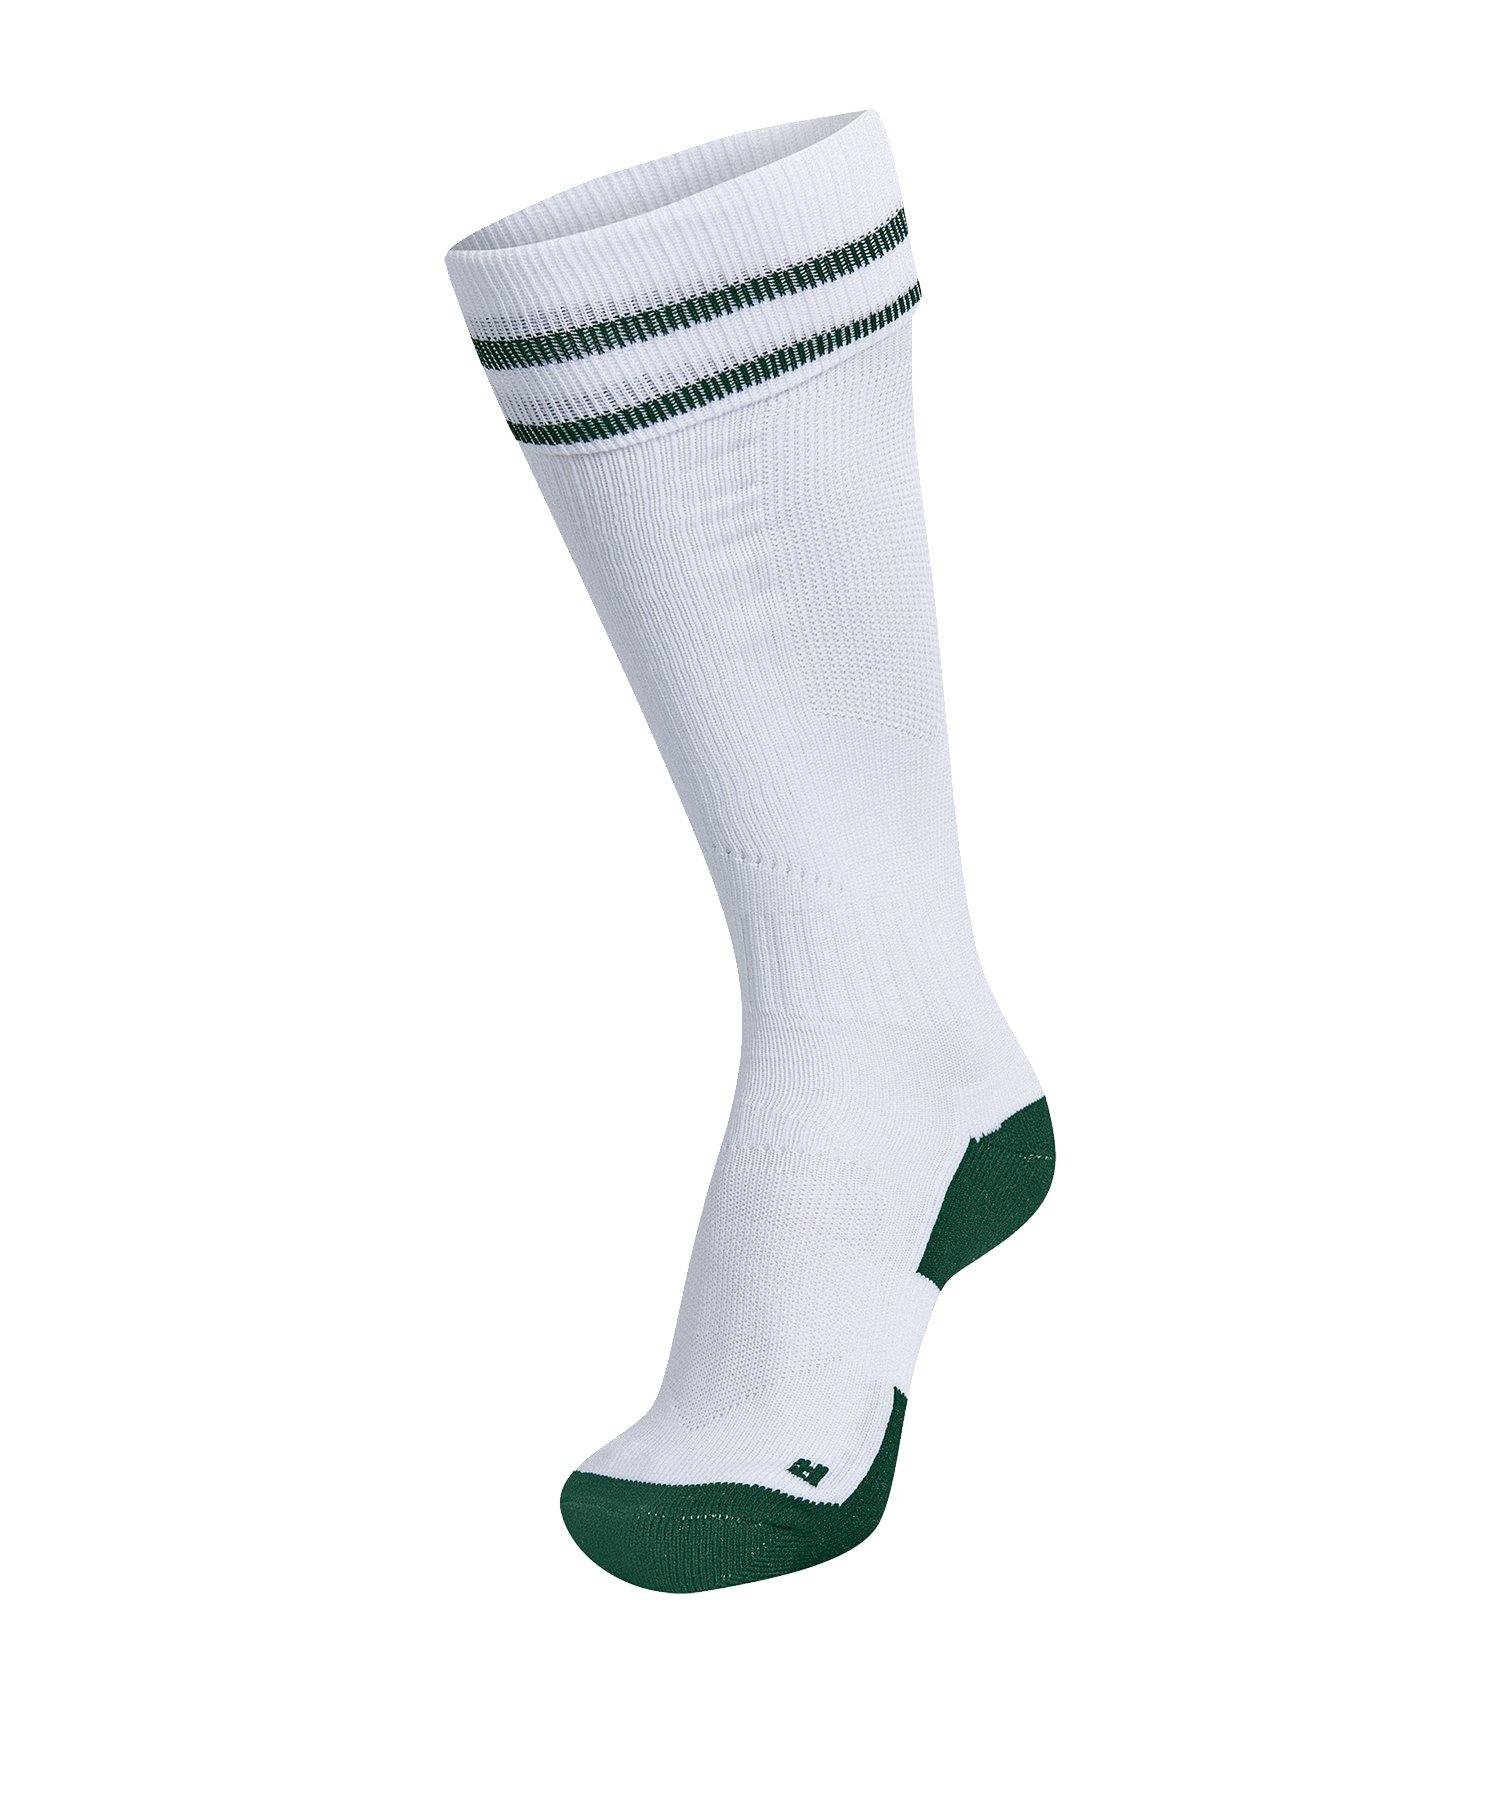 Hummel Football Sock Socken Weiss F9004 - Weiss